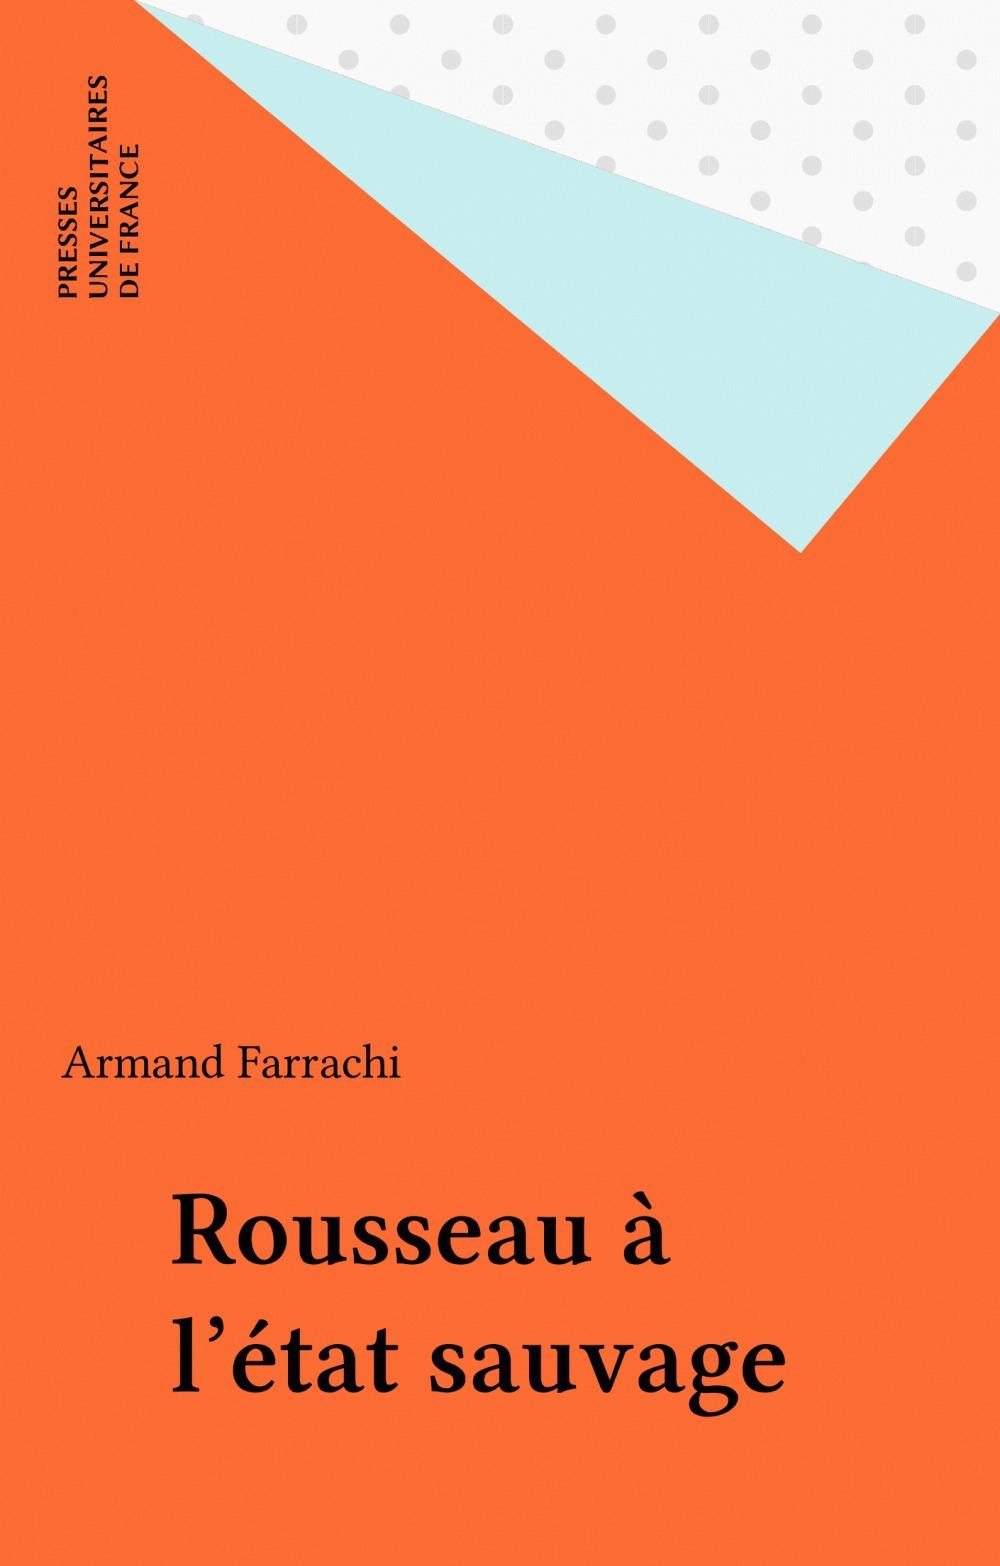 Rousseau ou l'etat sauvage